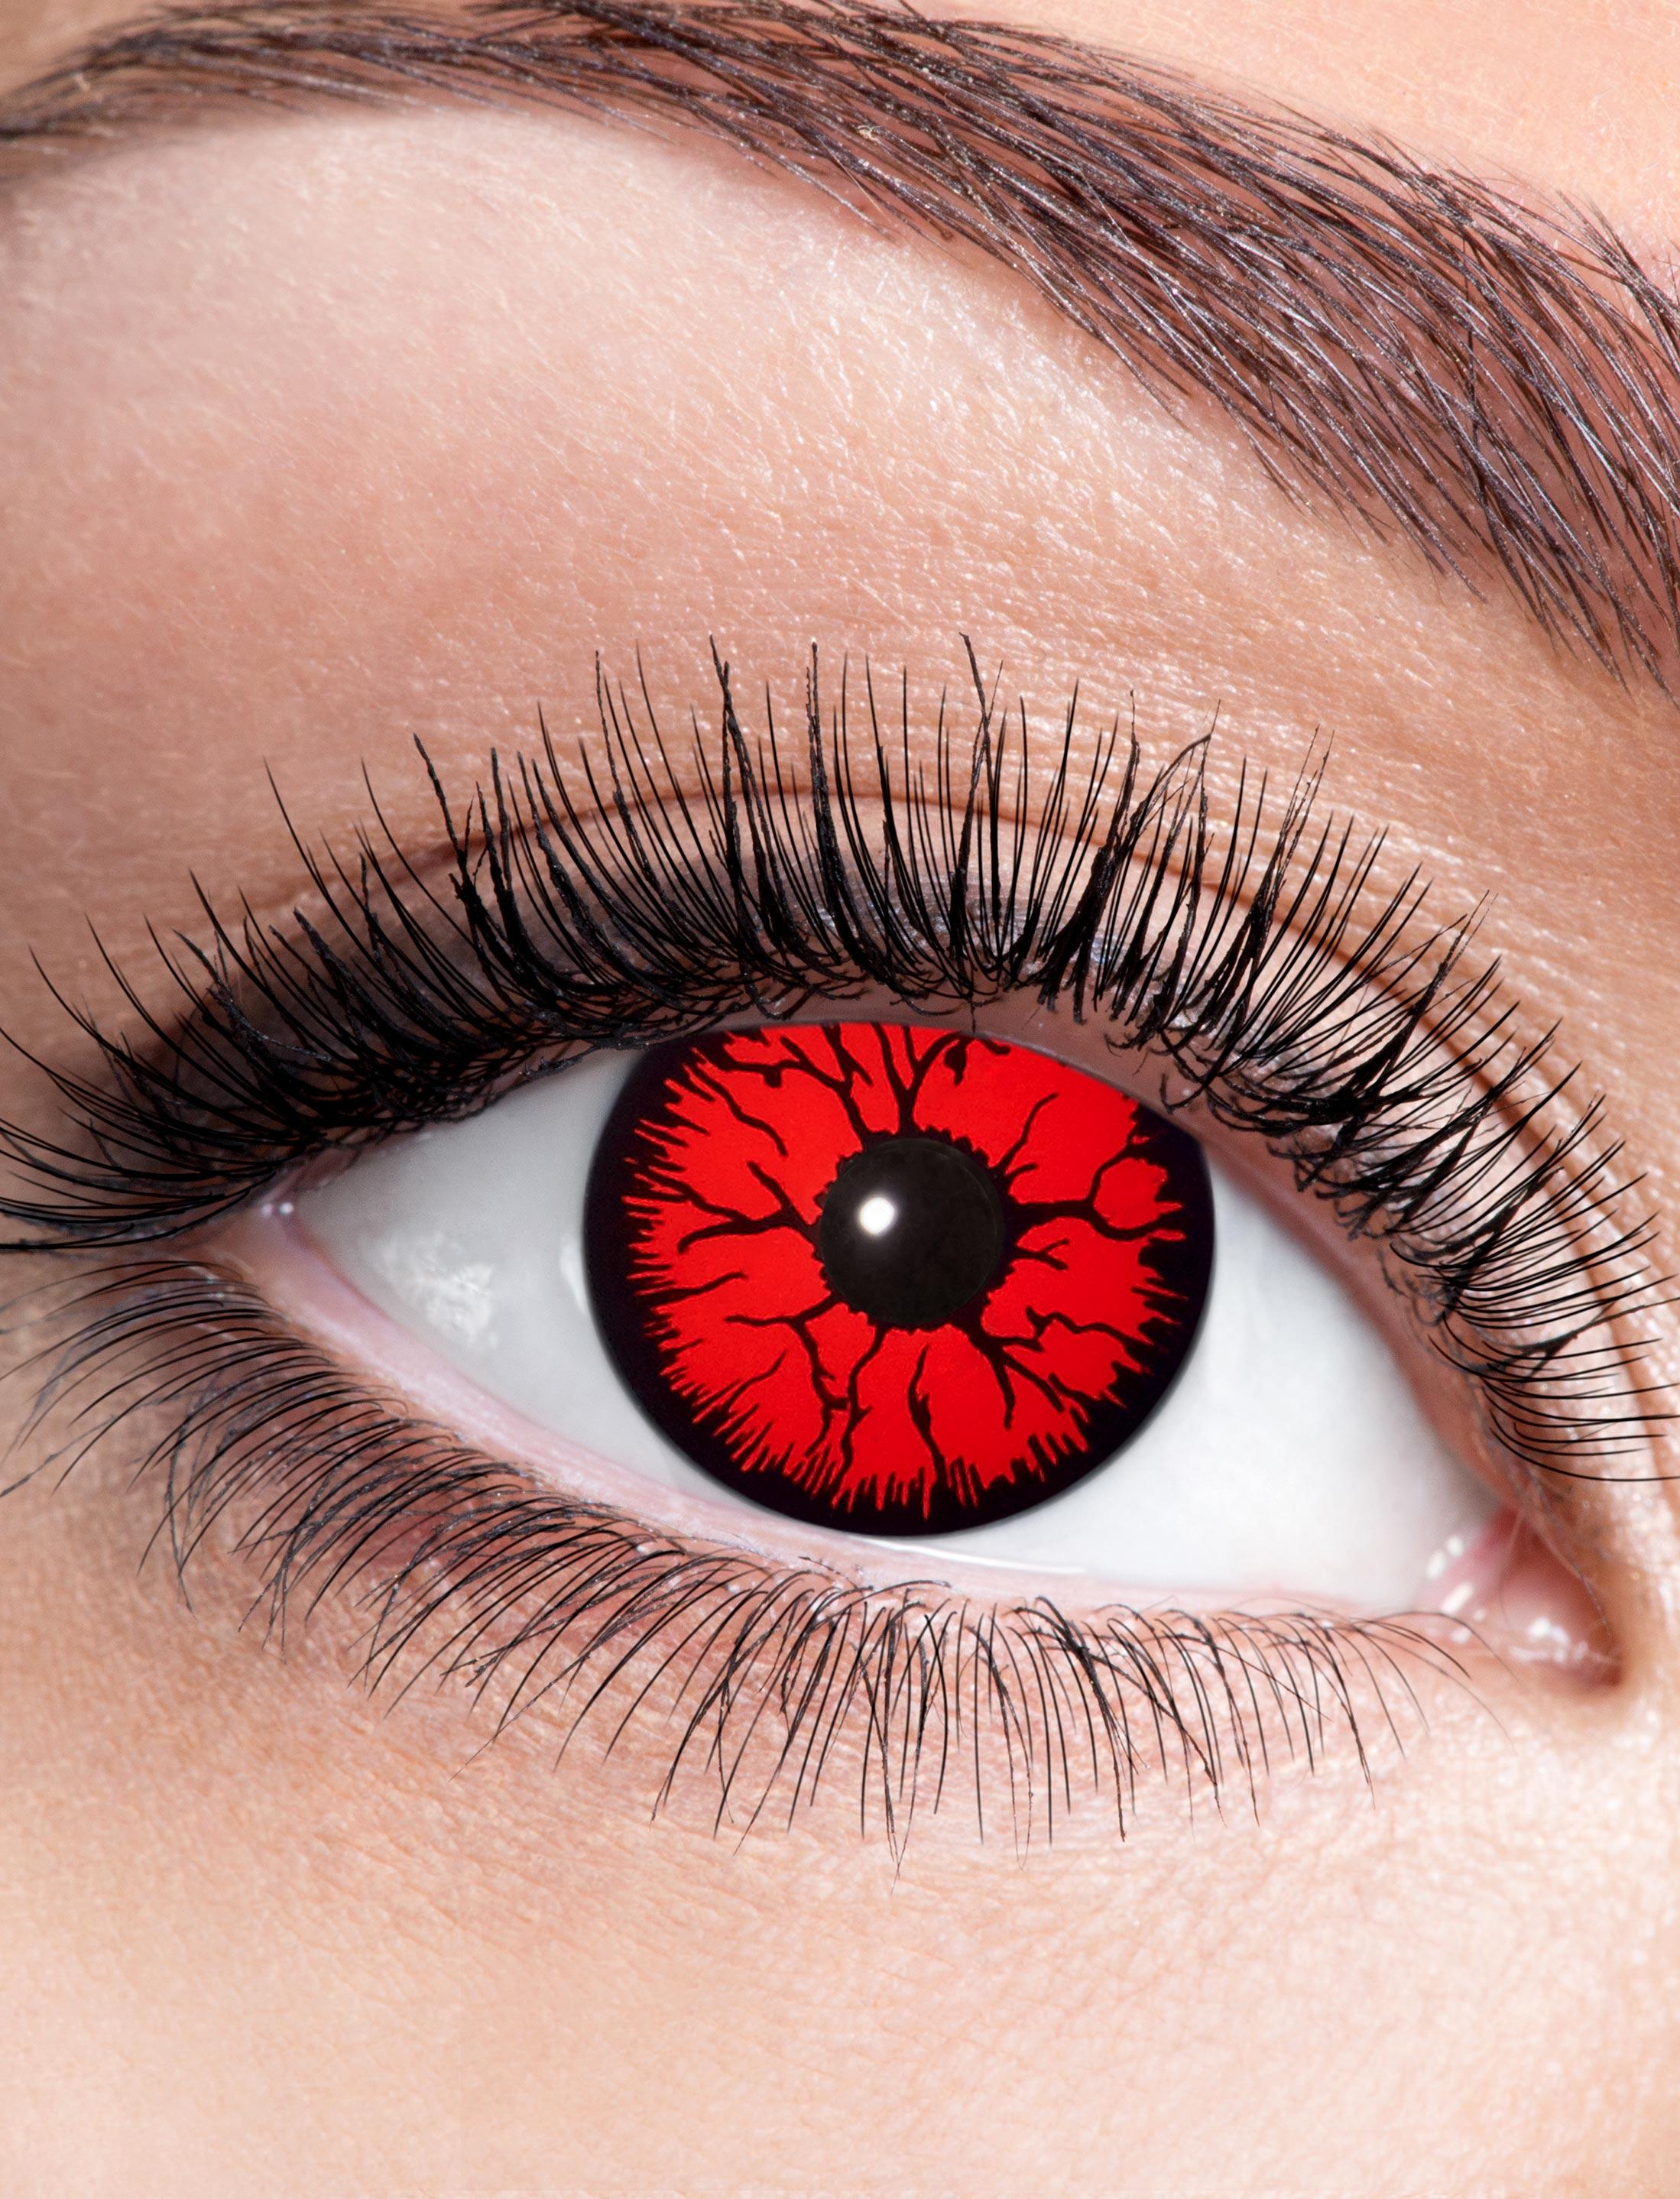 Kostuemzubehor Kontaktlinsen Metatron Farbe: rot